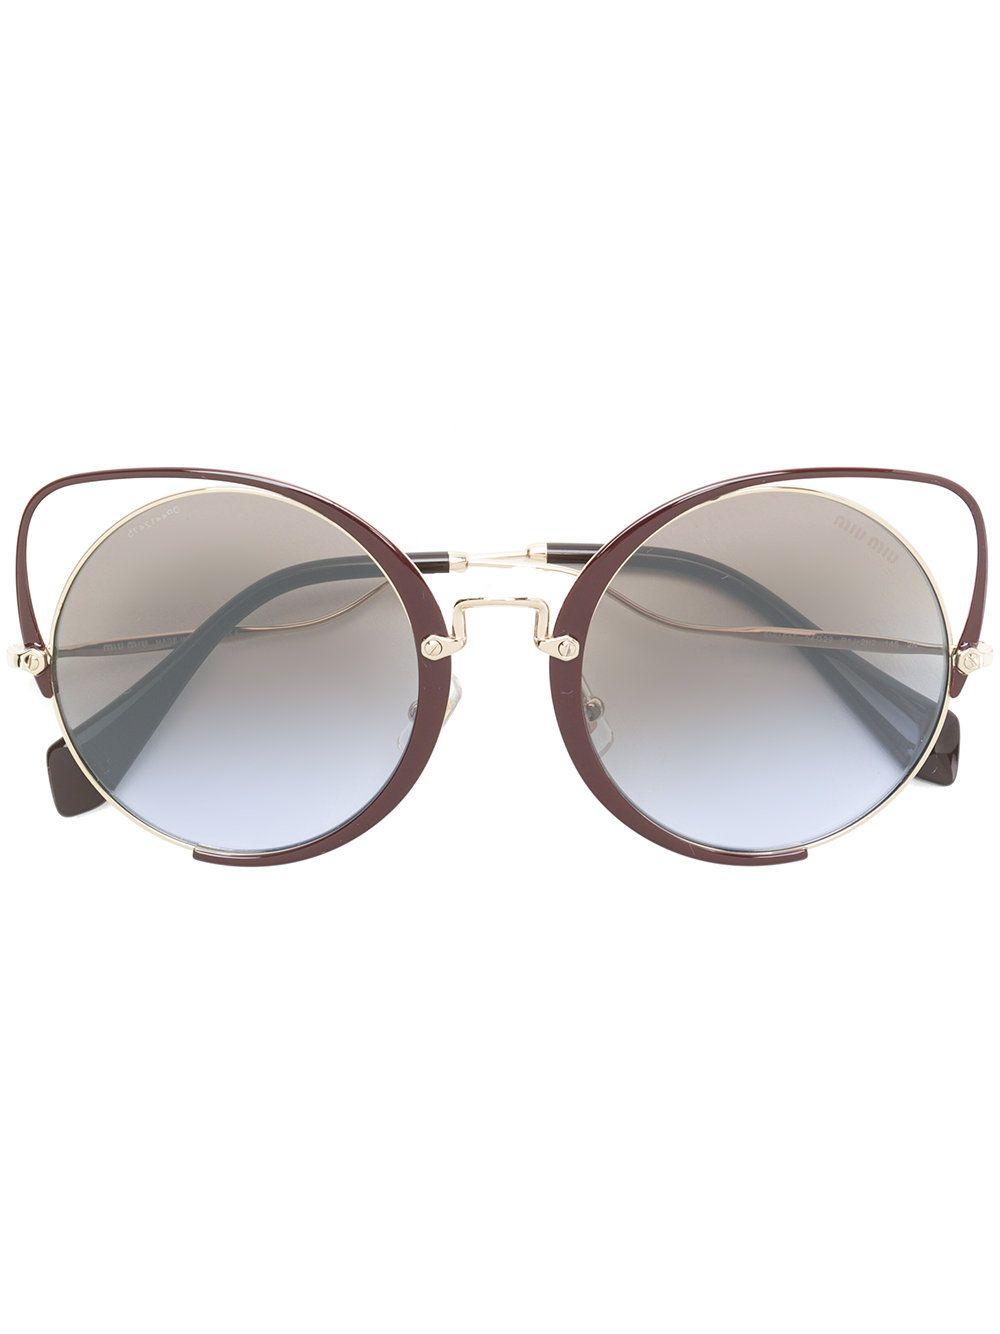 Oversized Cat   Pinterest   Miu miu, Eyewear and Sunnies 3927ba5f76